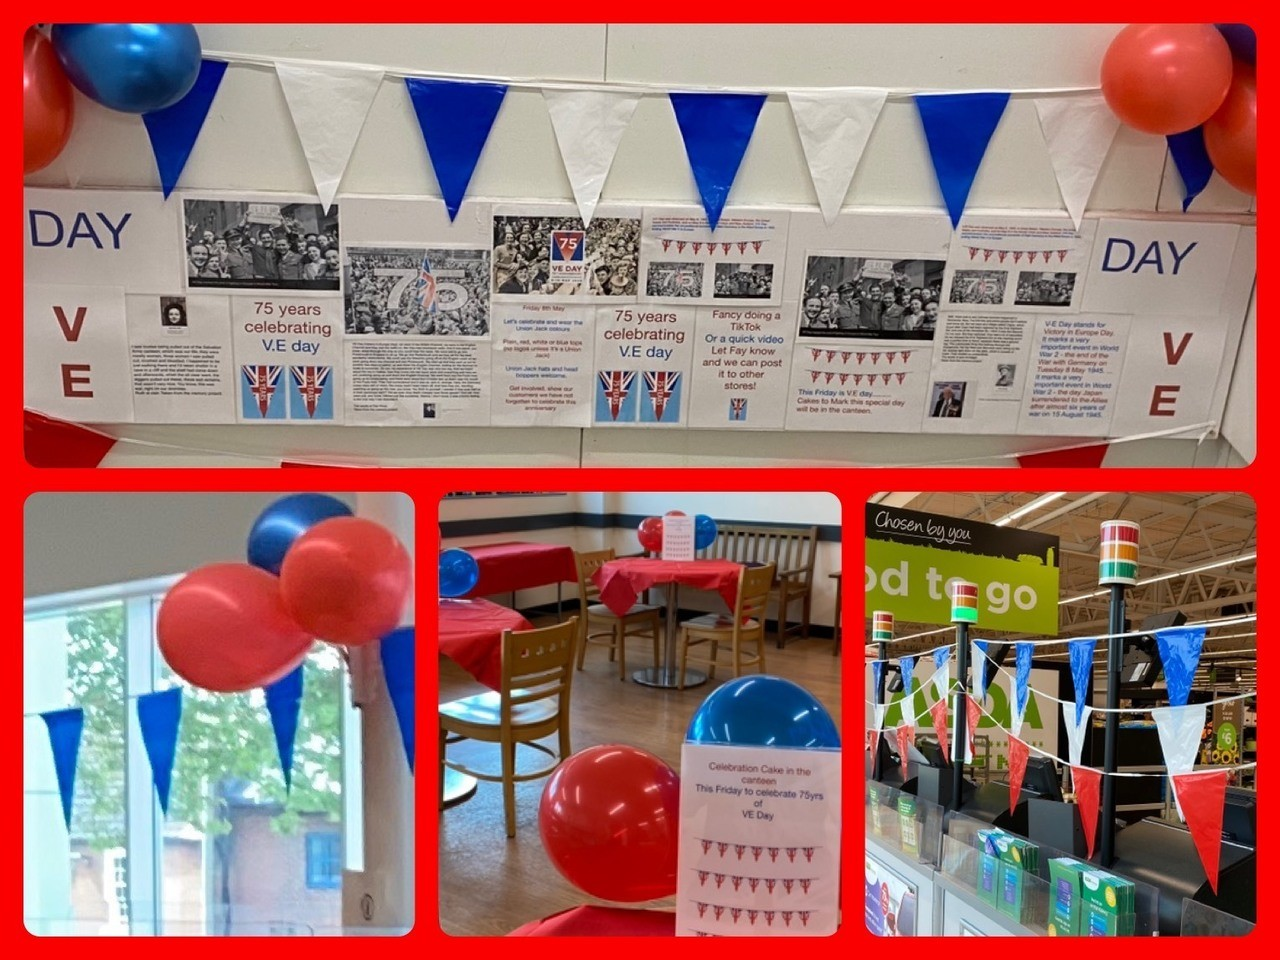 VE Day in Gloucester | Asda Gloucester